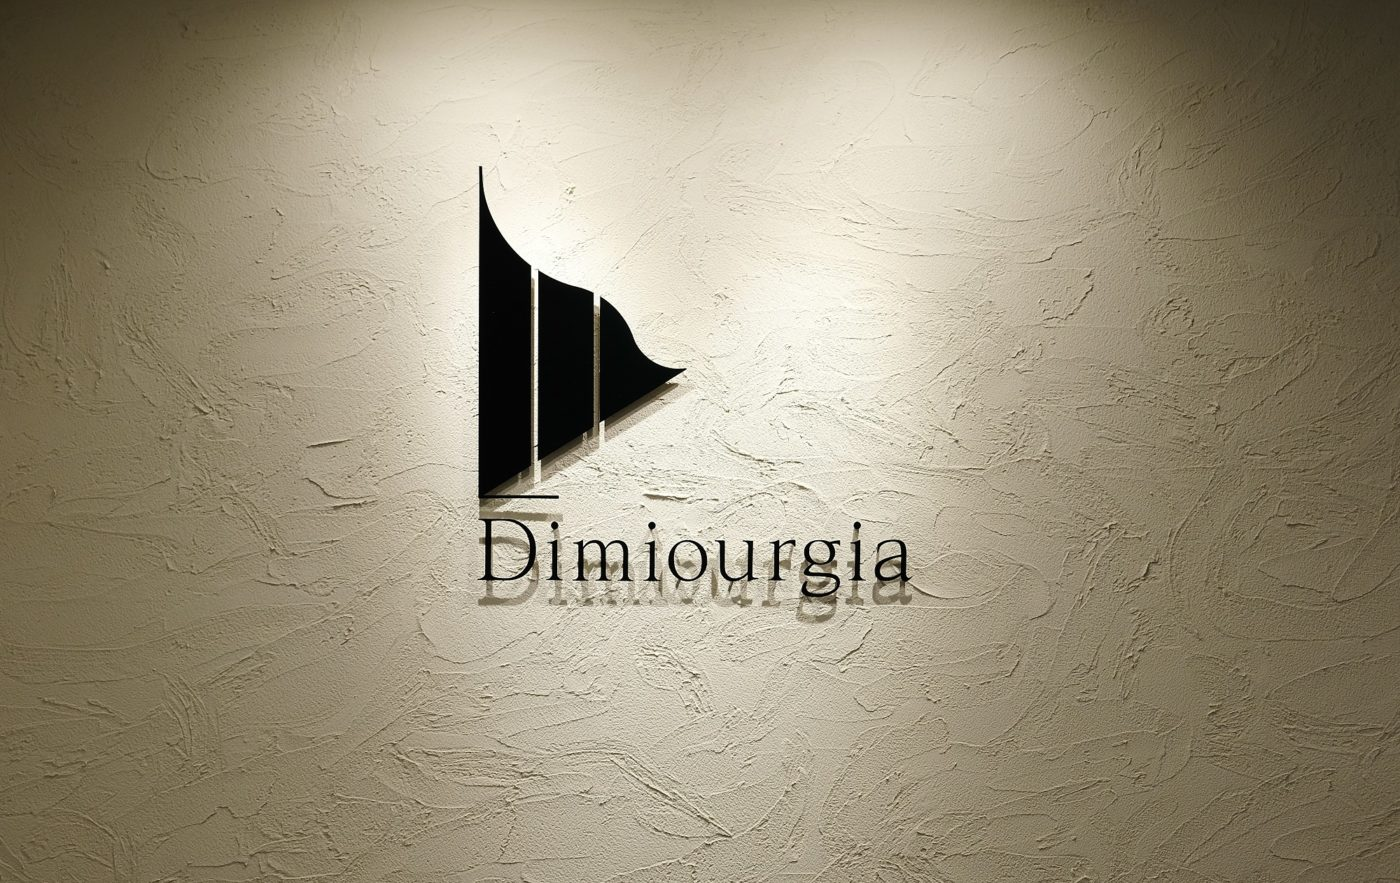 株式会社ディモルギア